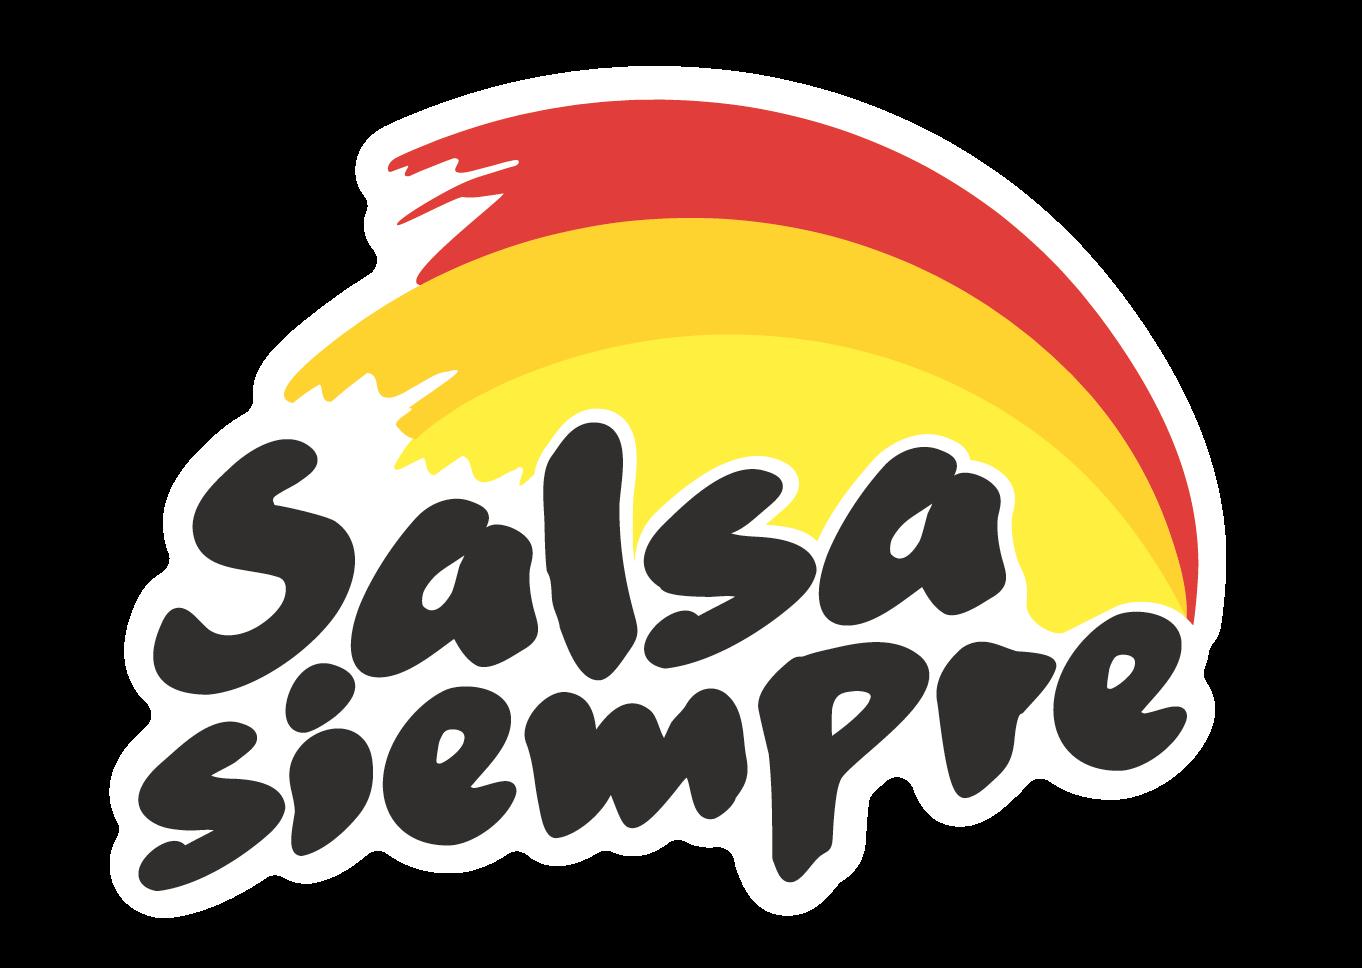 Salsa Siempre